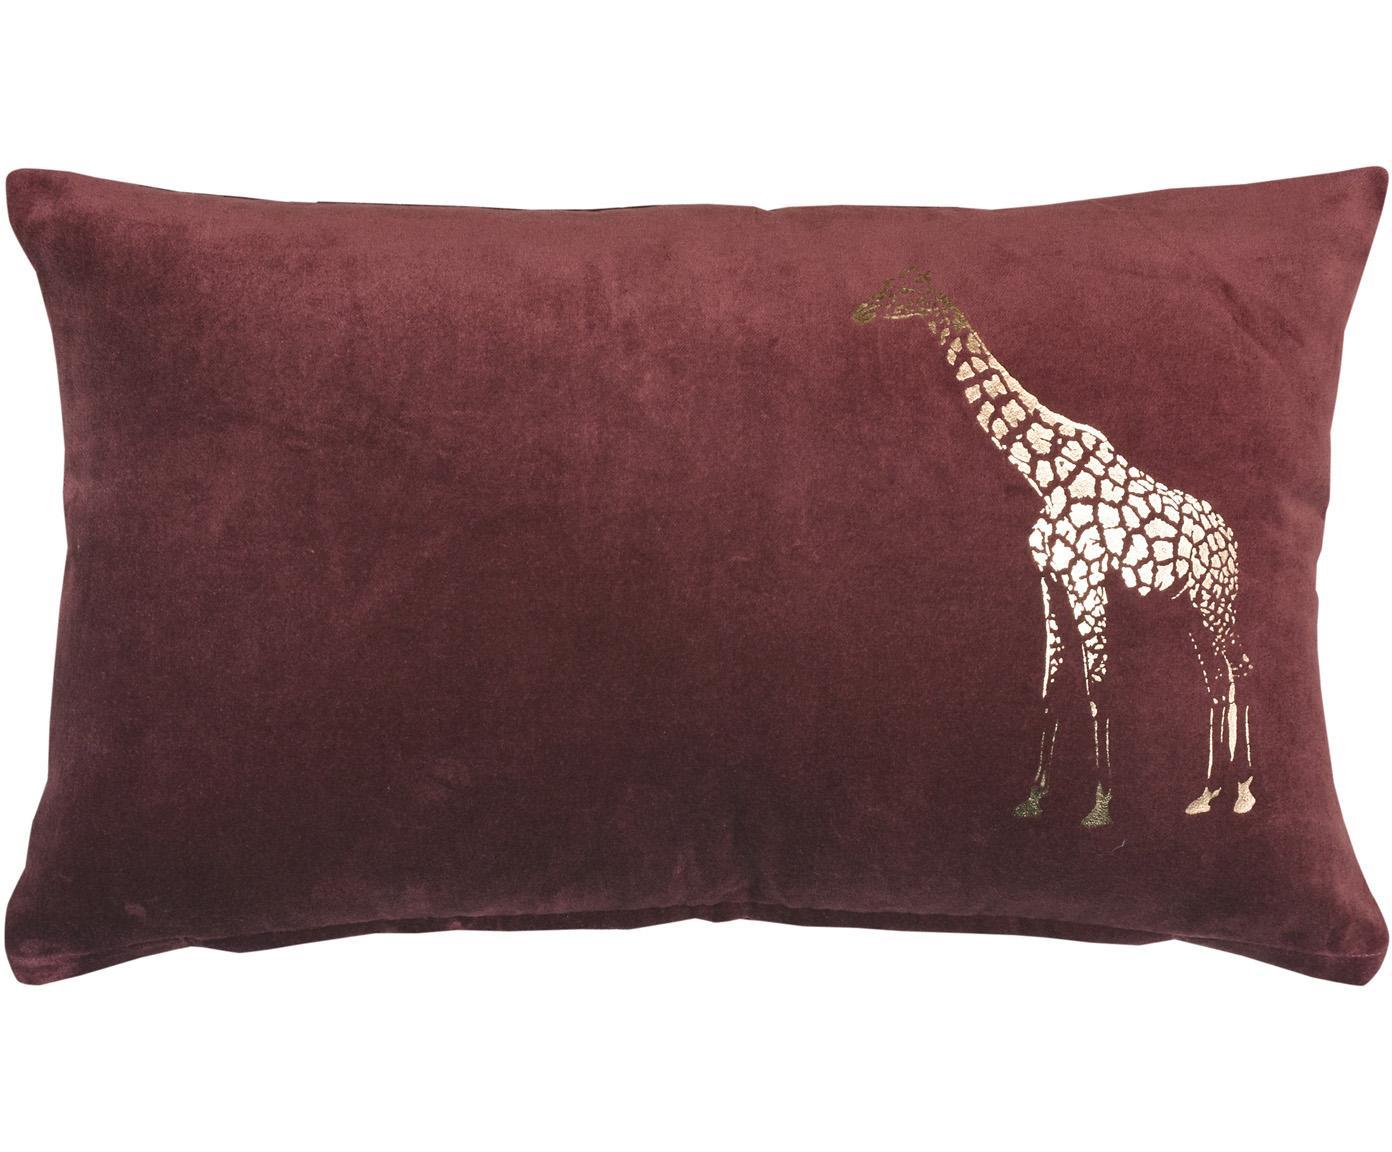 Samt-Kissen Giraffe, mit Inlett, Bezug: 100% Baumwolle, Bordeauxfarben, Goldfarben, 30 x 50 cm